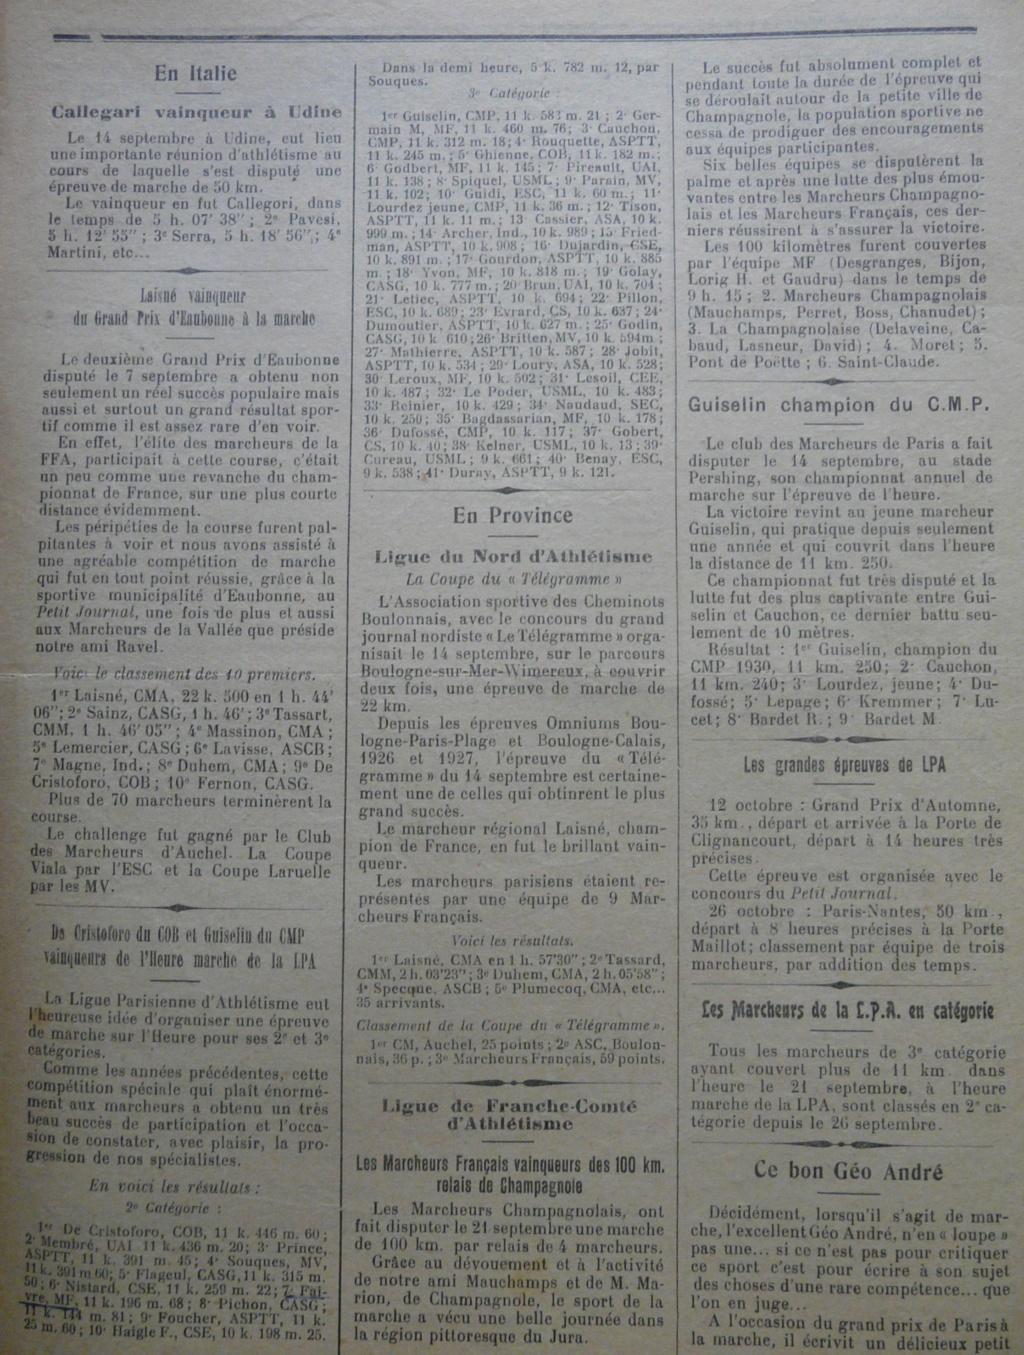 L'écho des Marcheurs - Oct 1930 P1270313